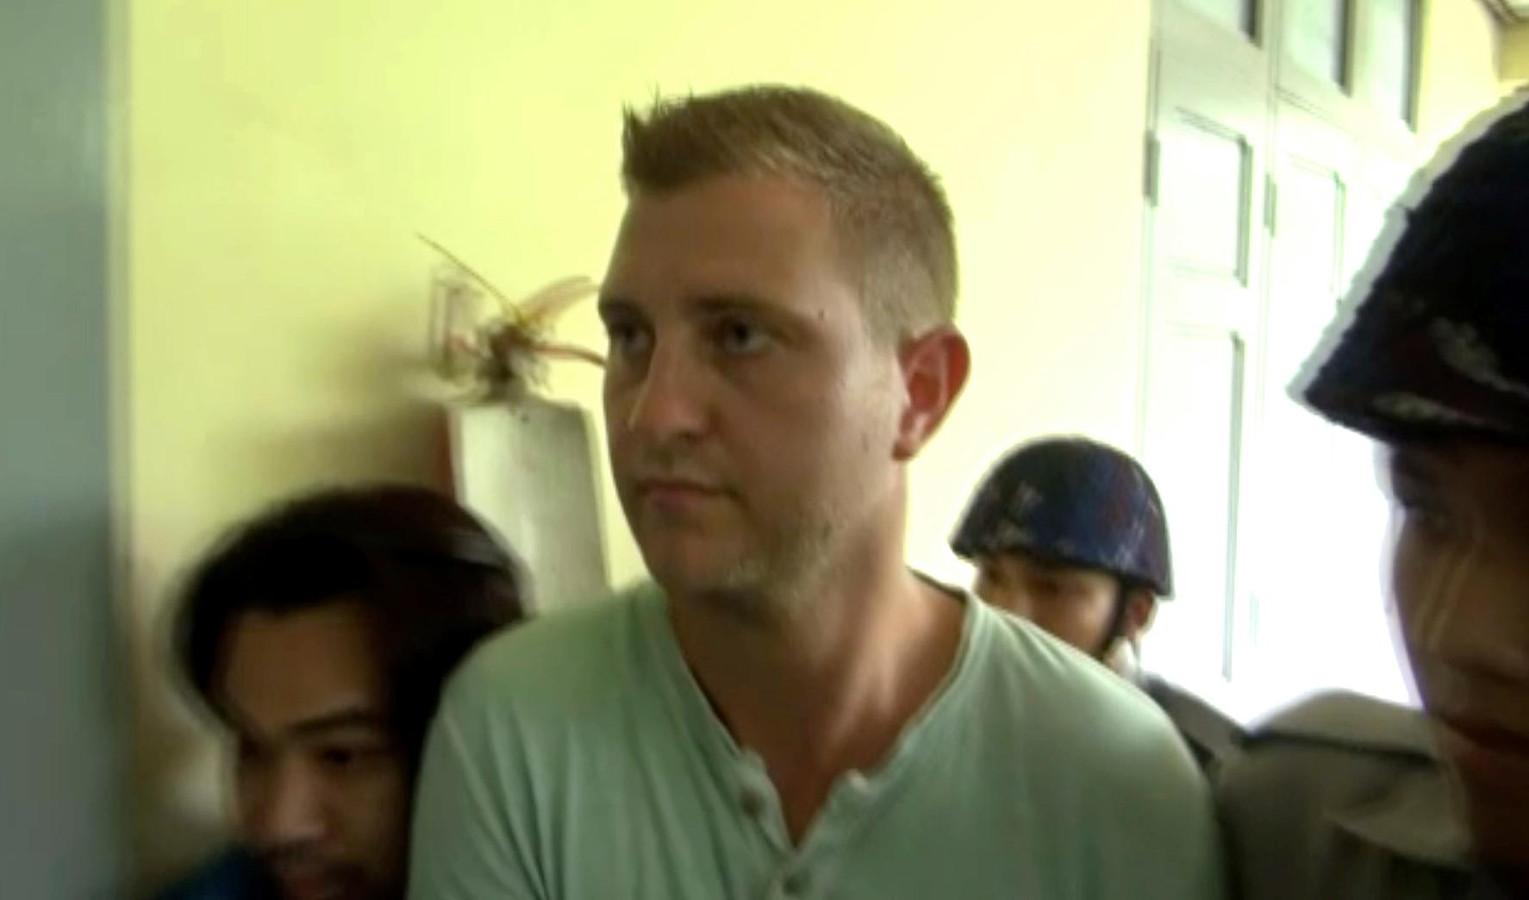 Klaas Haytema vlak voor de uitspraak van de rechter